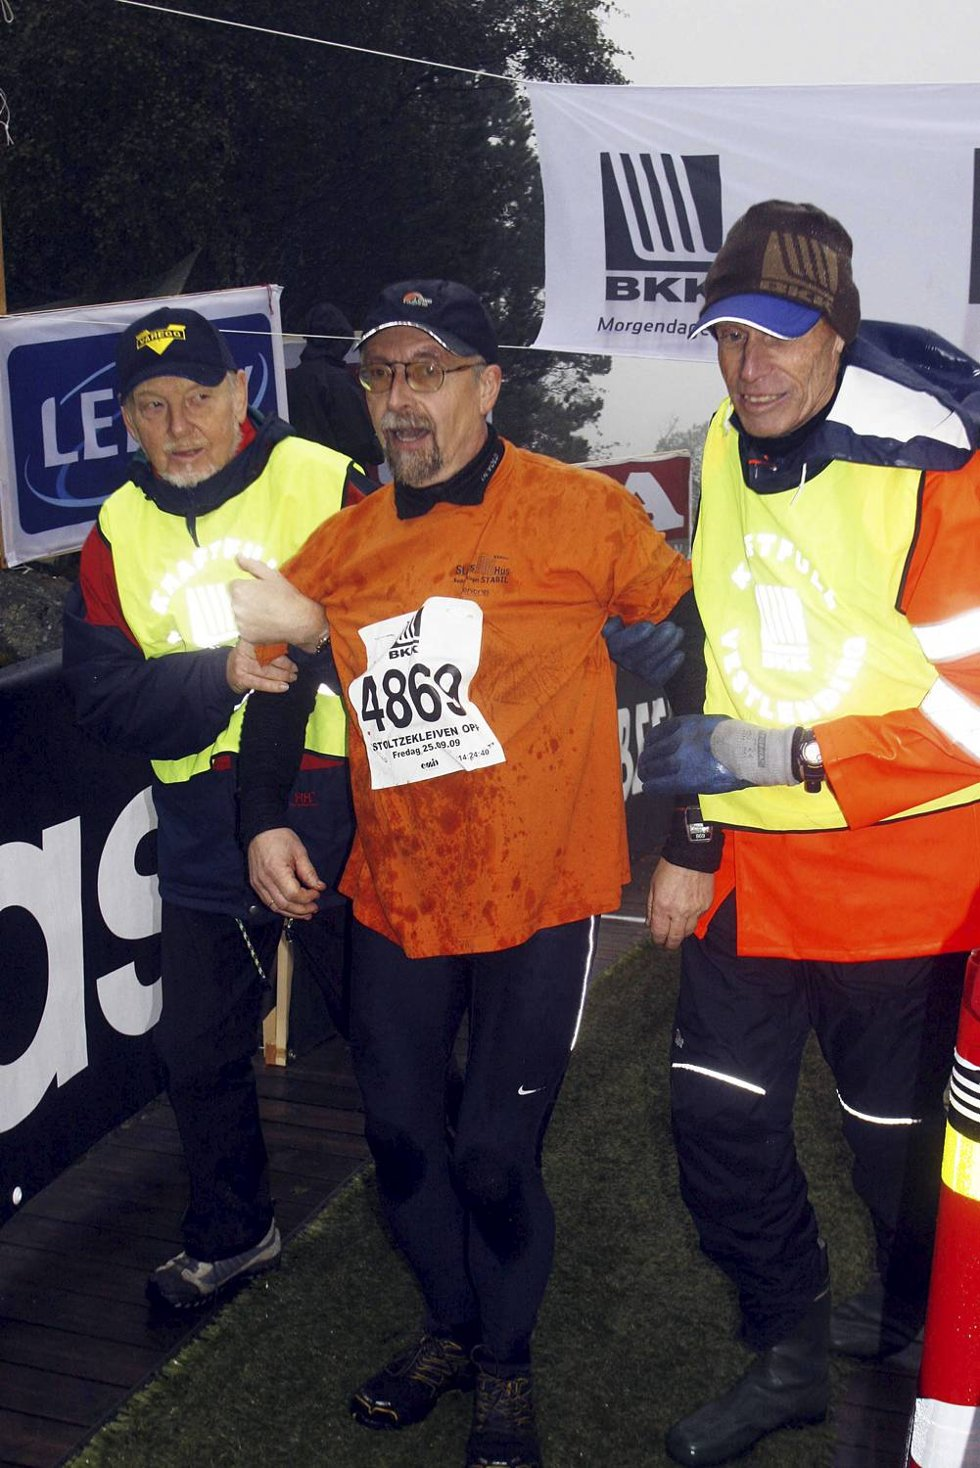 Bjarne Hollund i klasse 60-64 år. (Foto: Anders Mo Hanssen)